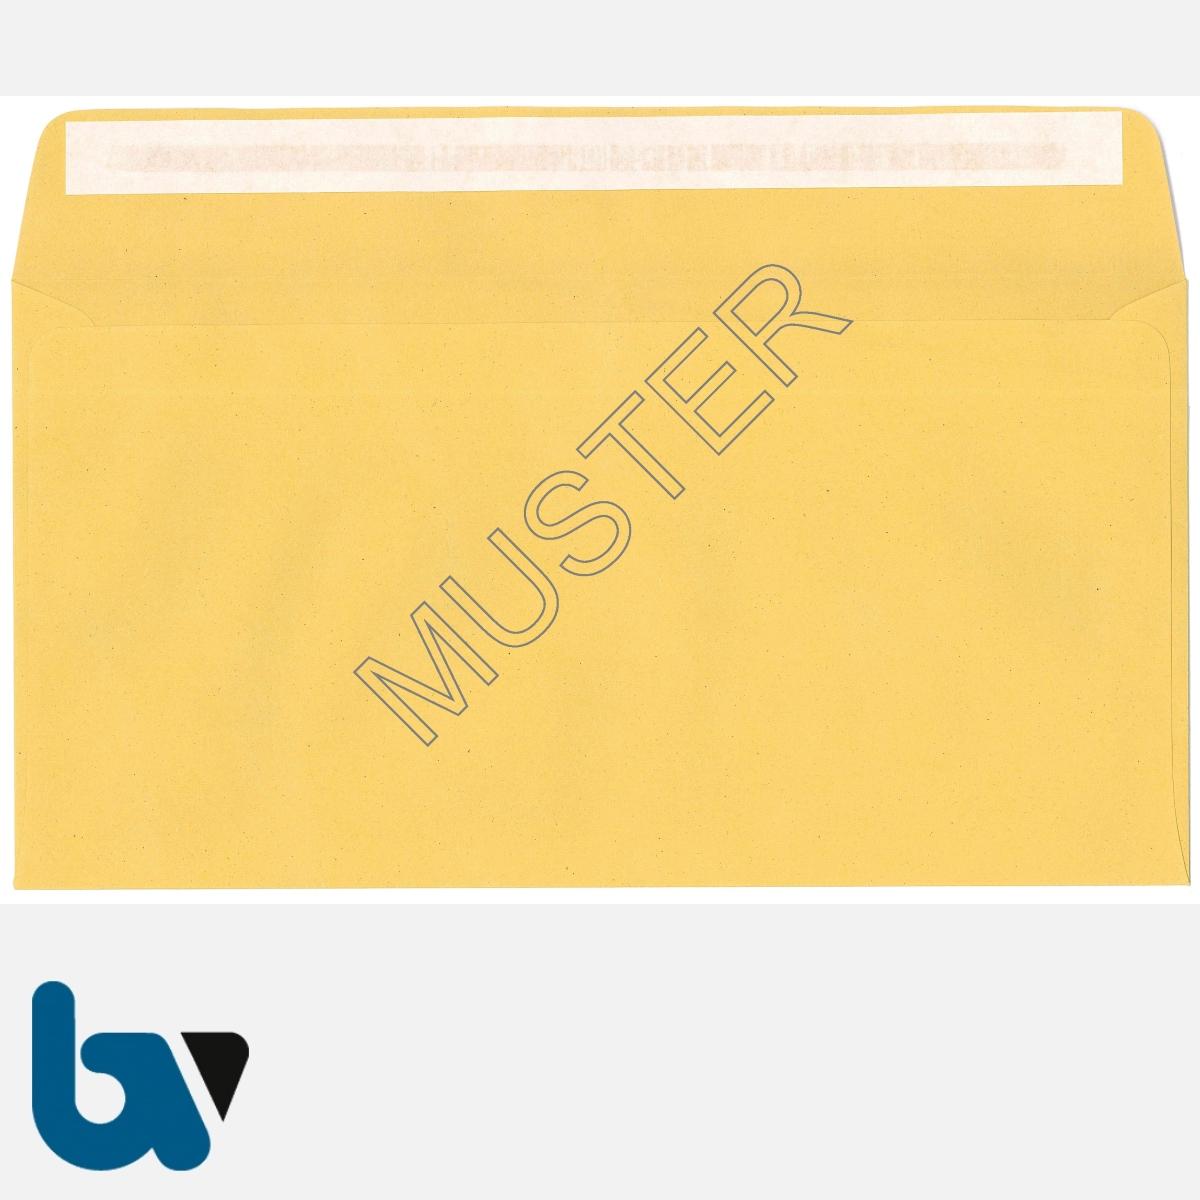 0/102-5 Postzustellungsauftrag - Äußerer Umschlag, DIN lang, ohne Fenster, haftklebend, Rückseite | Borgard Verlag GmbH